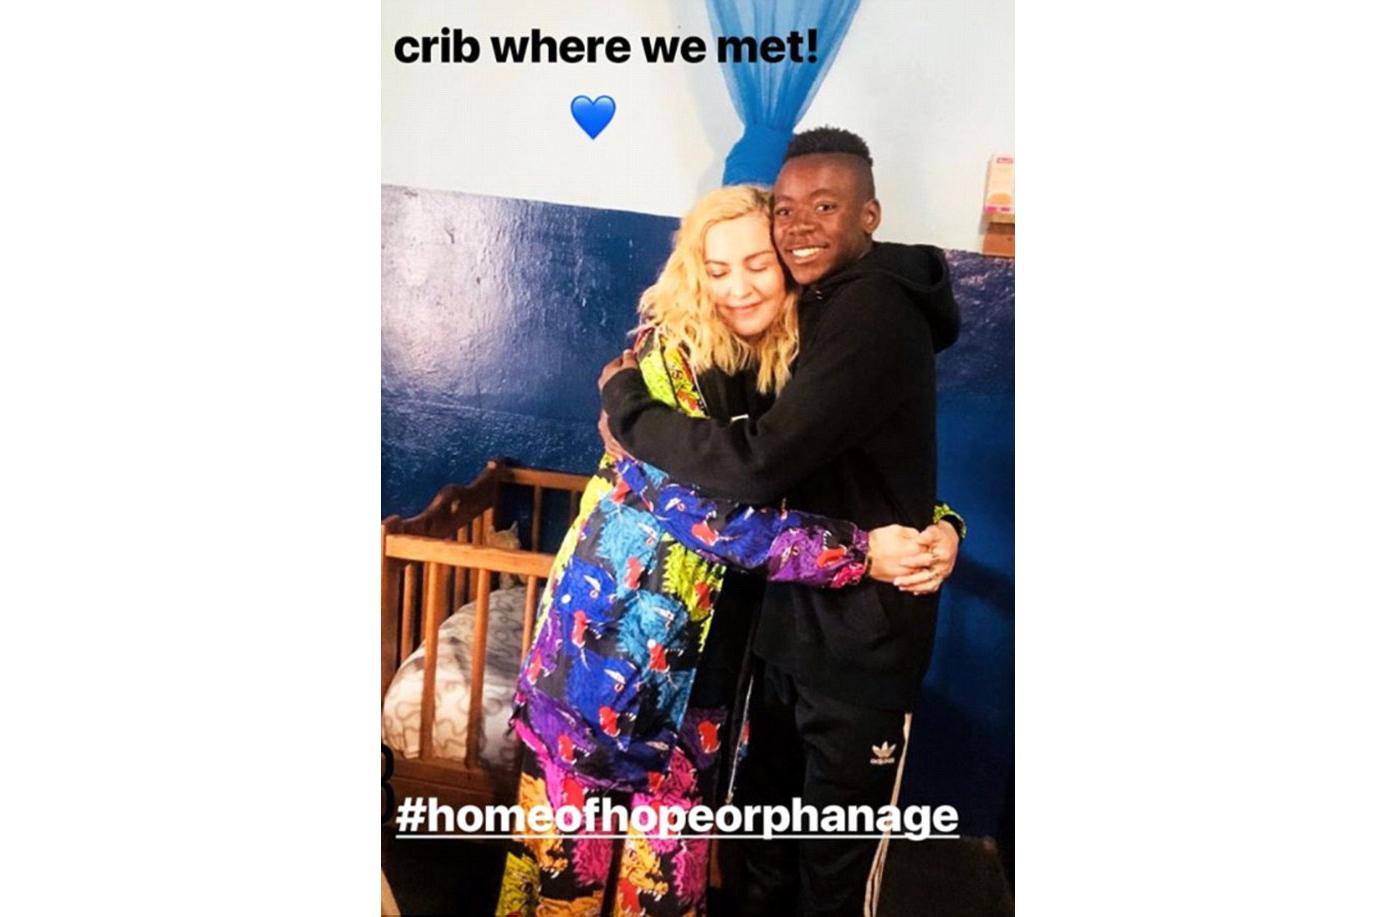 (Reprodução Instagram / @madonna)